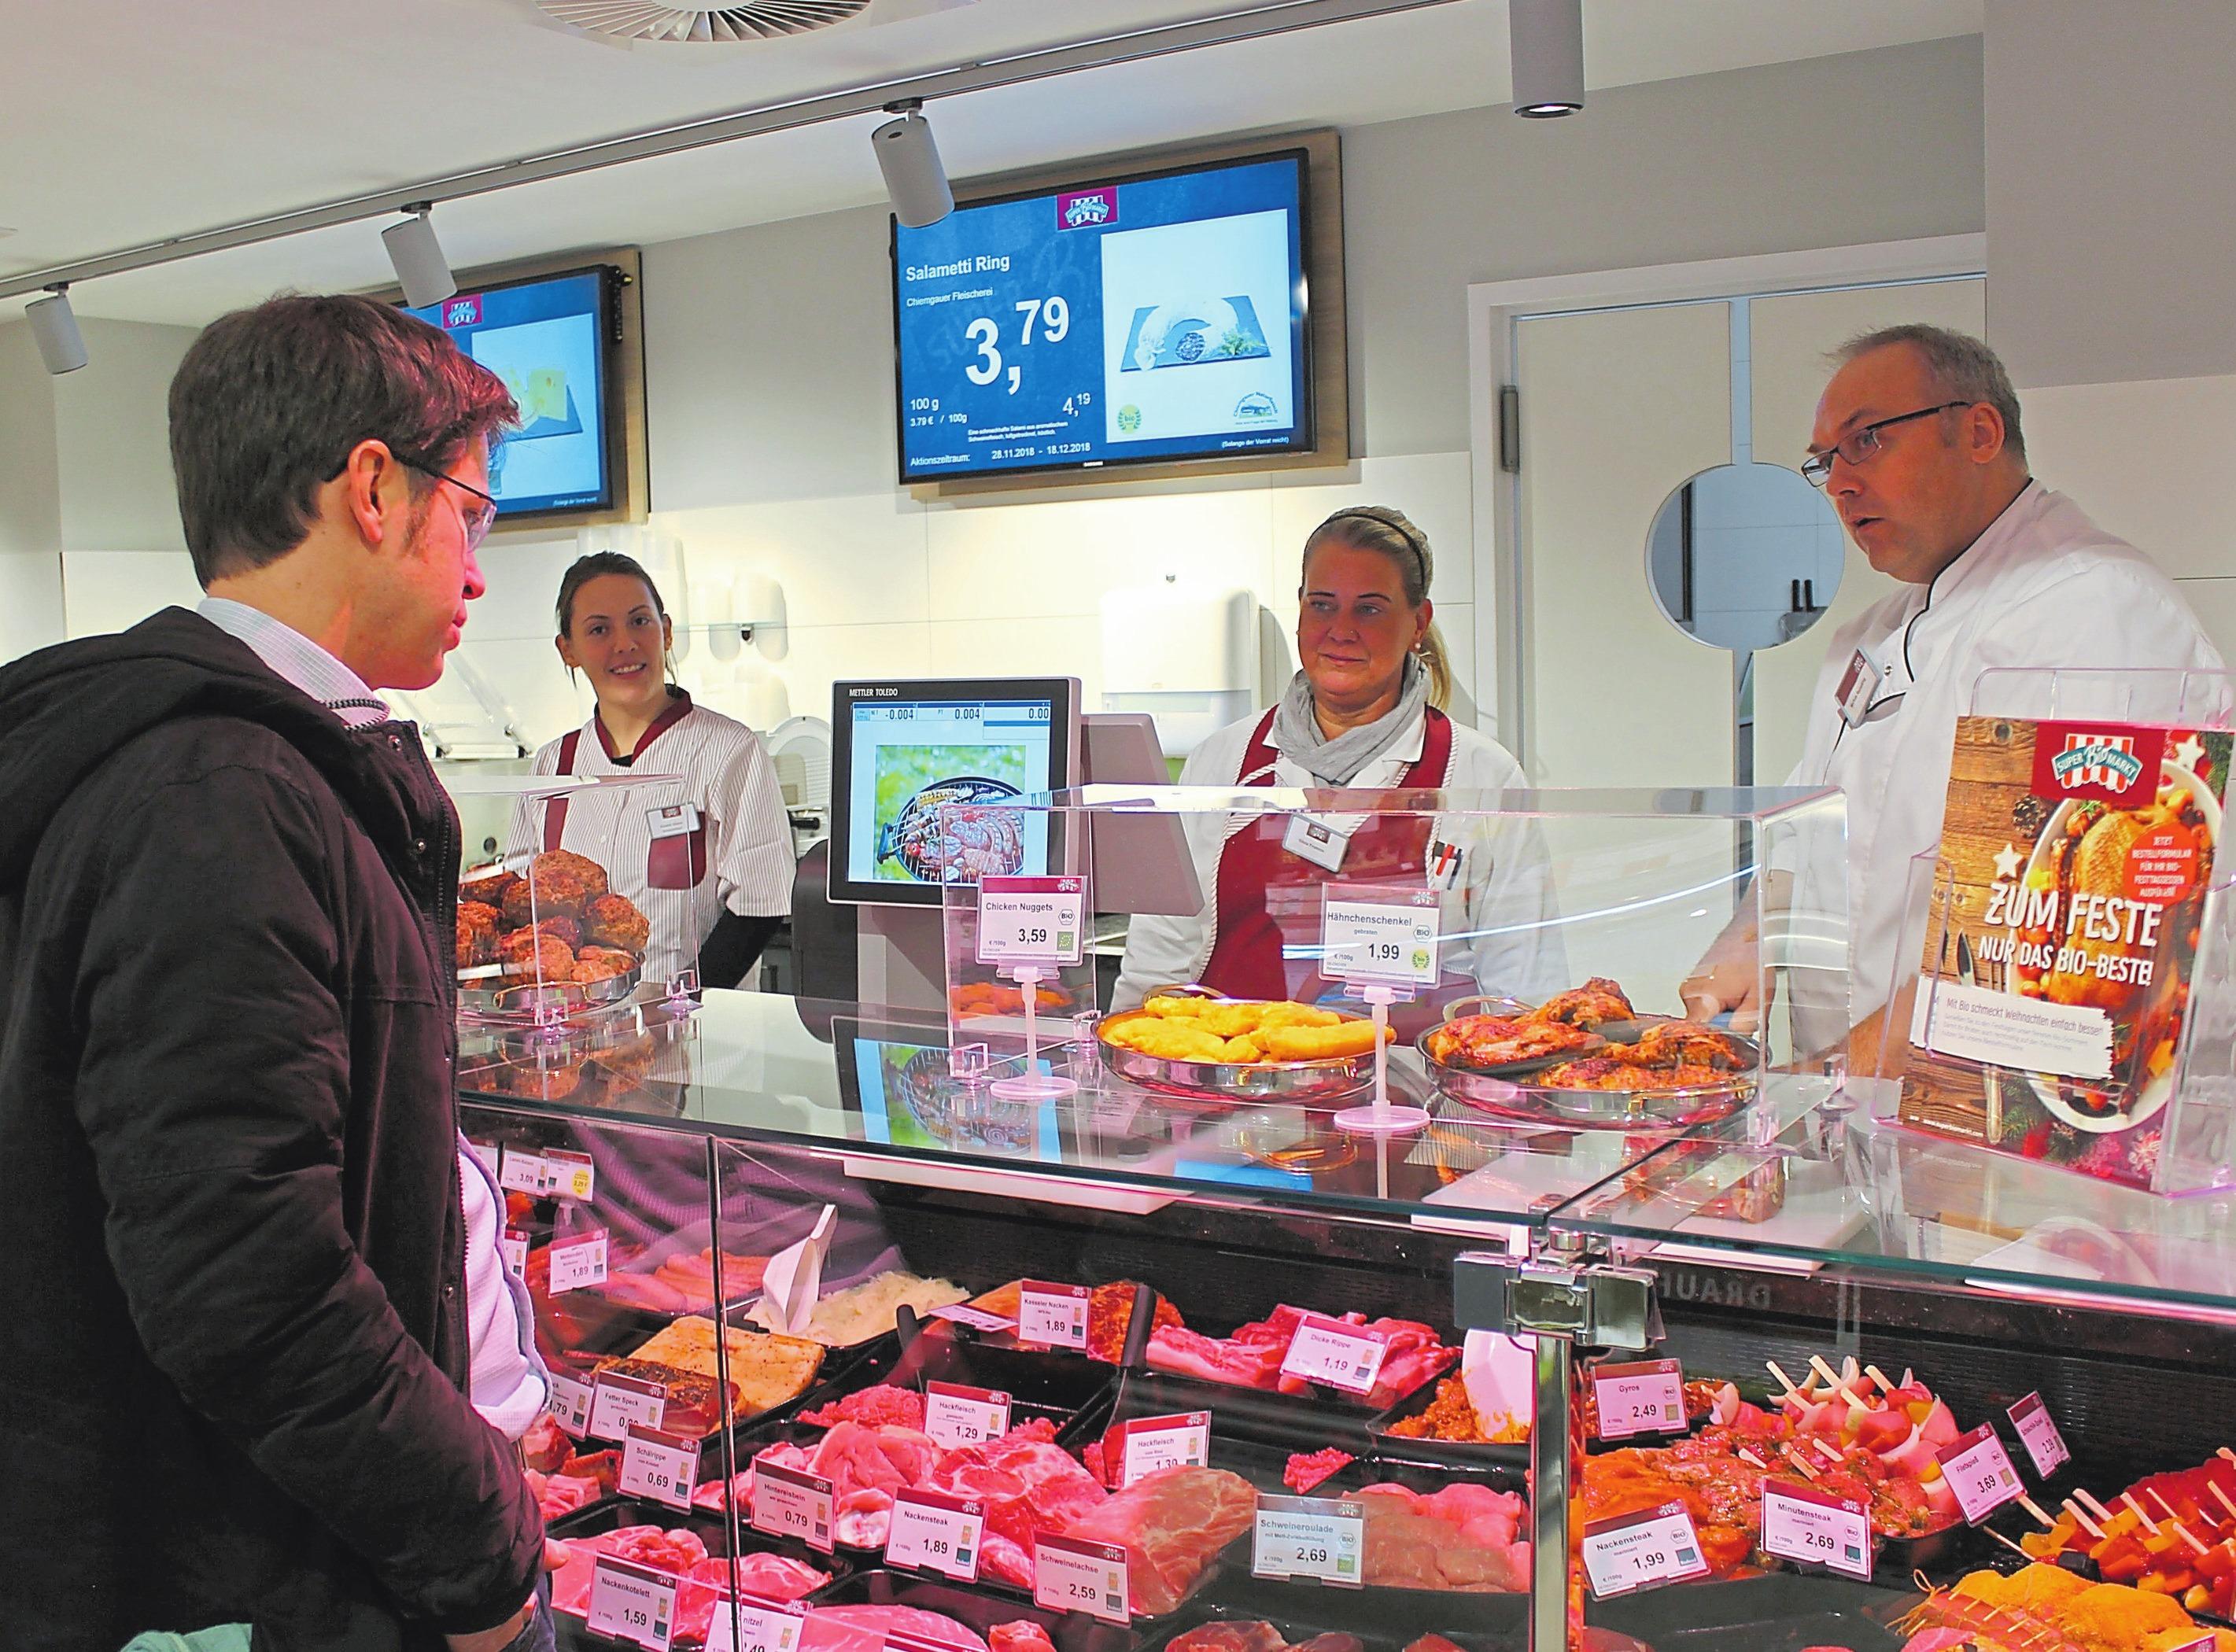 Erstklassige Beratung an der Fleischtheke garantieren unter anderem Kerstin Graine (v.l.), Silvia Fromme und Markus Reineking. Foto: kri